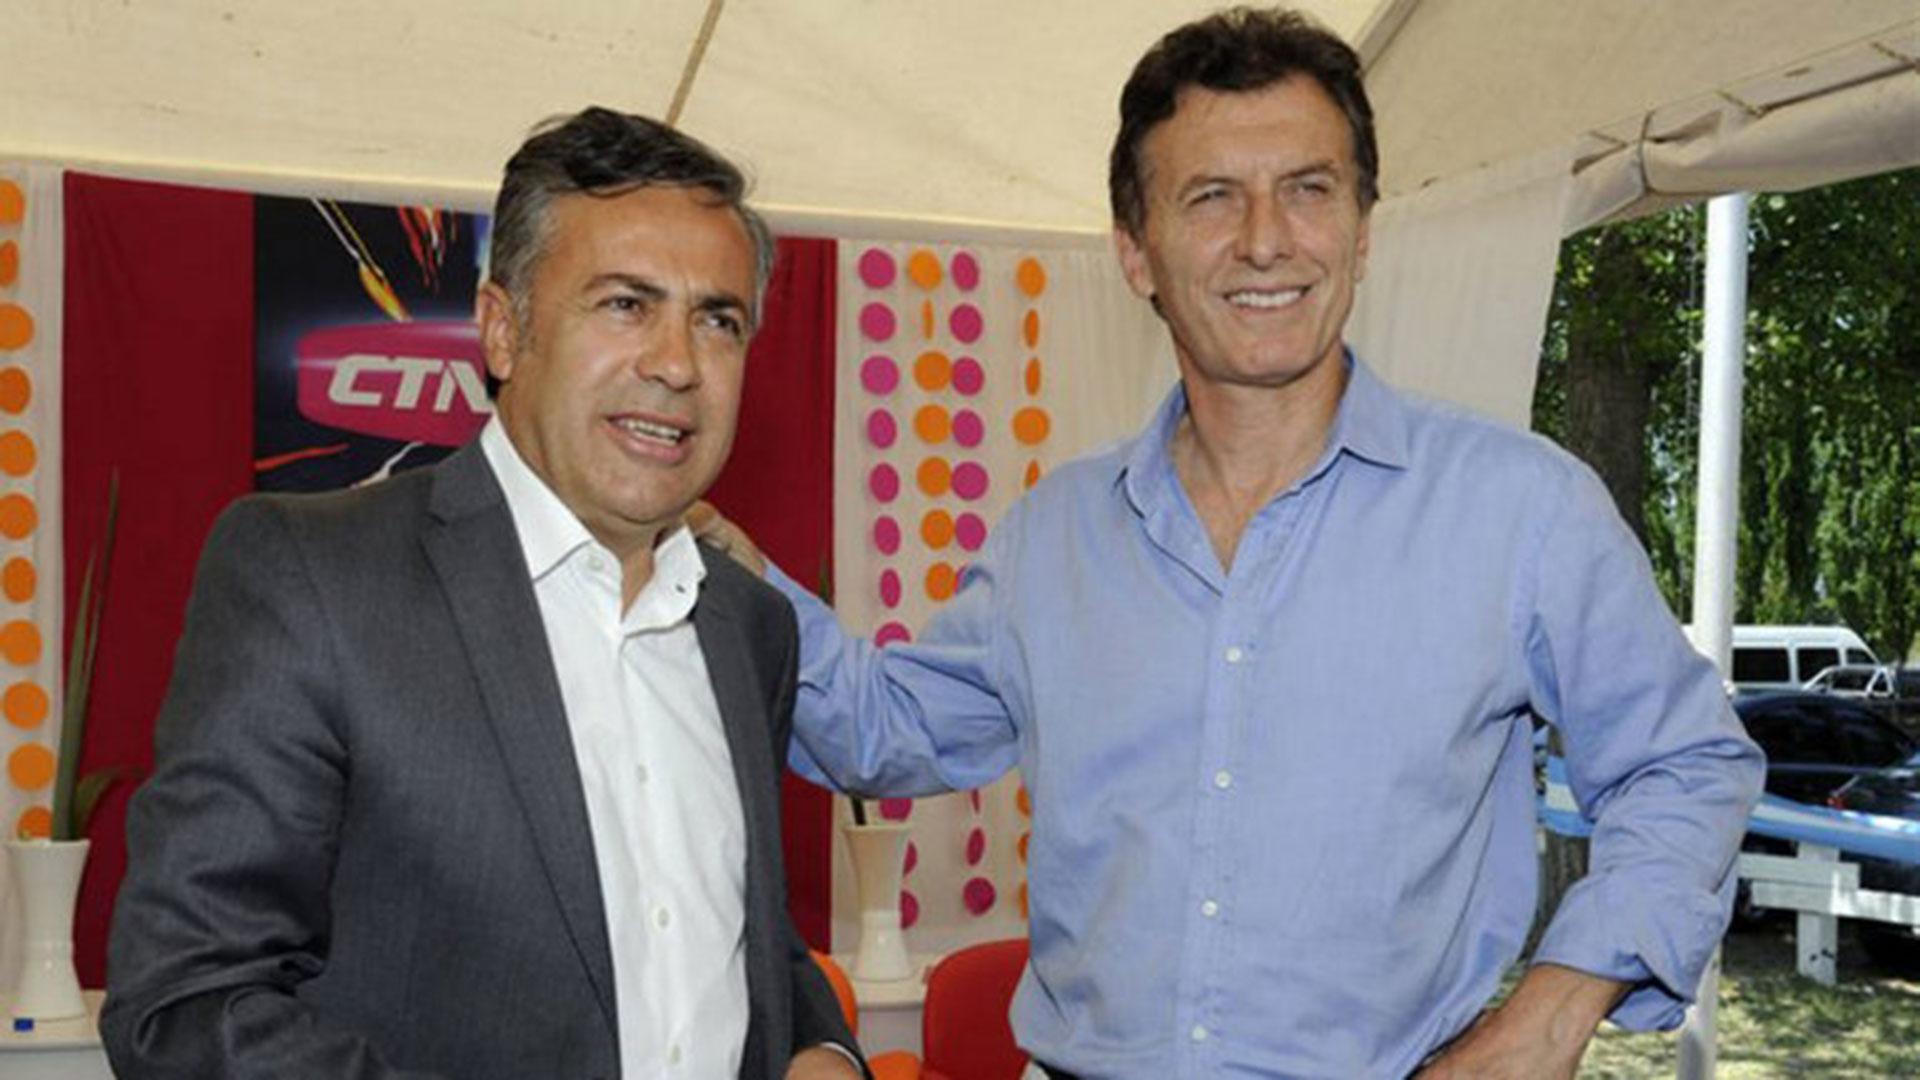 Macri y Cornejo cuando eran candidatos. Ayer se vieron ayer, pero no hubo foto. Es